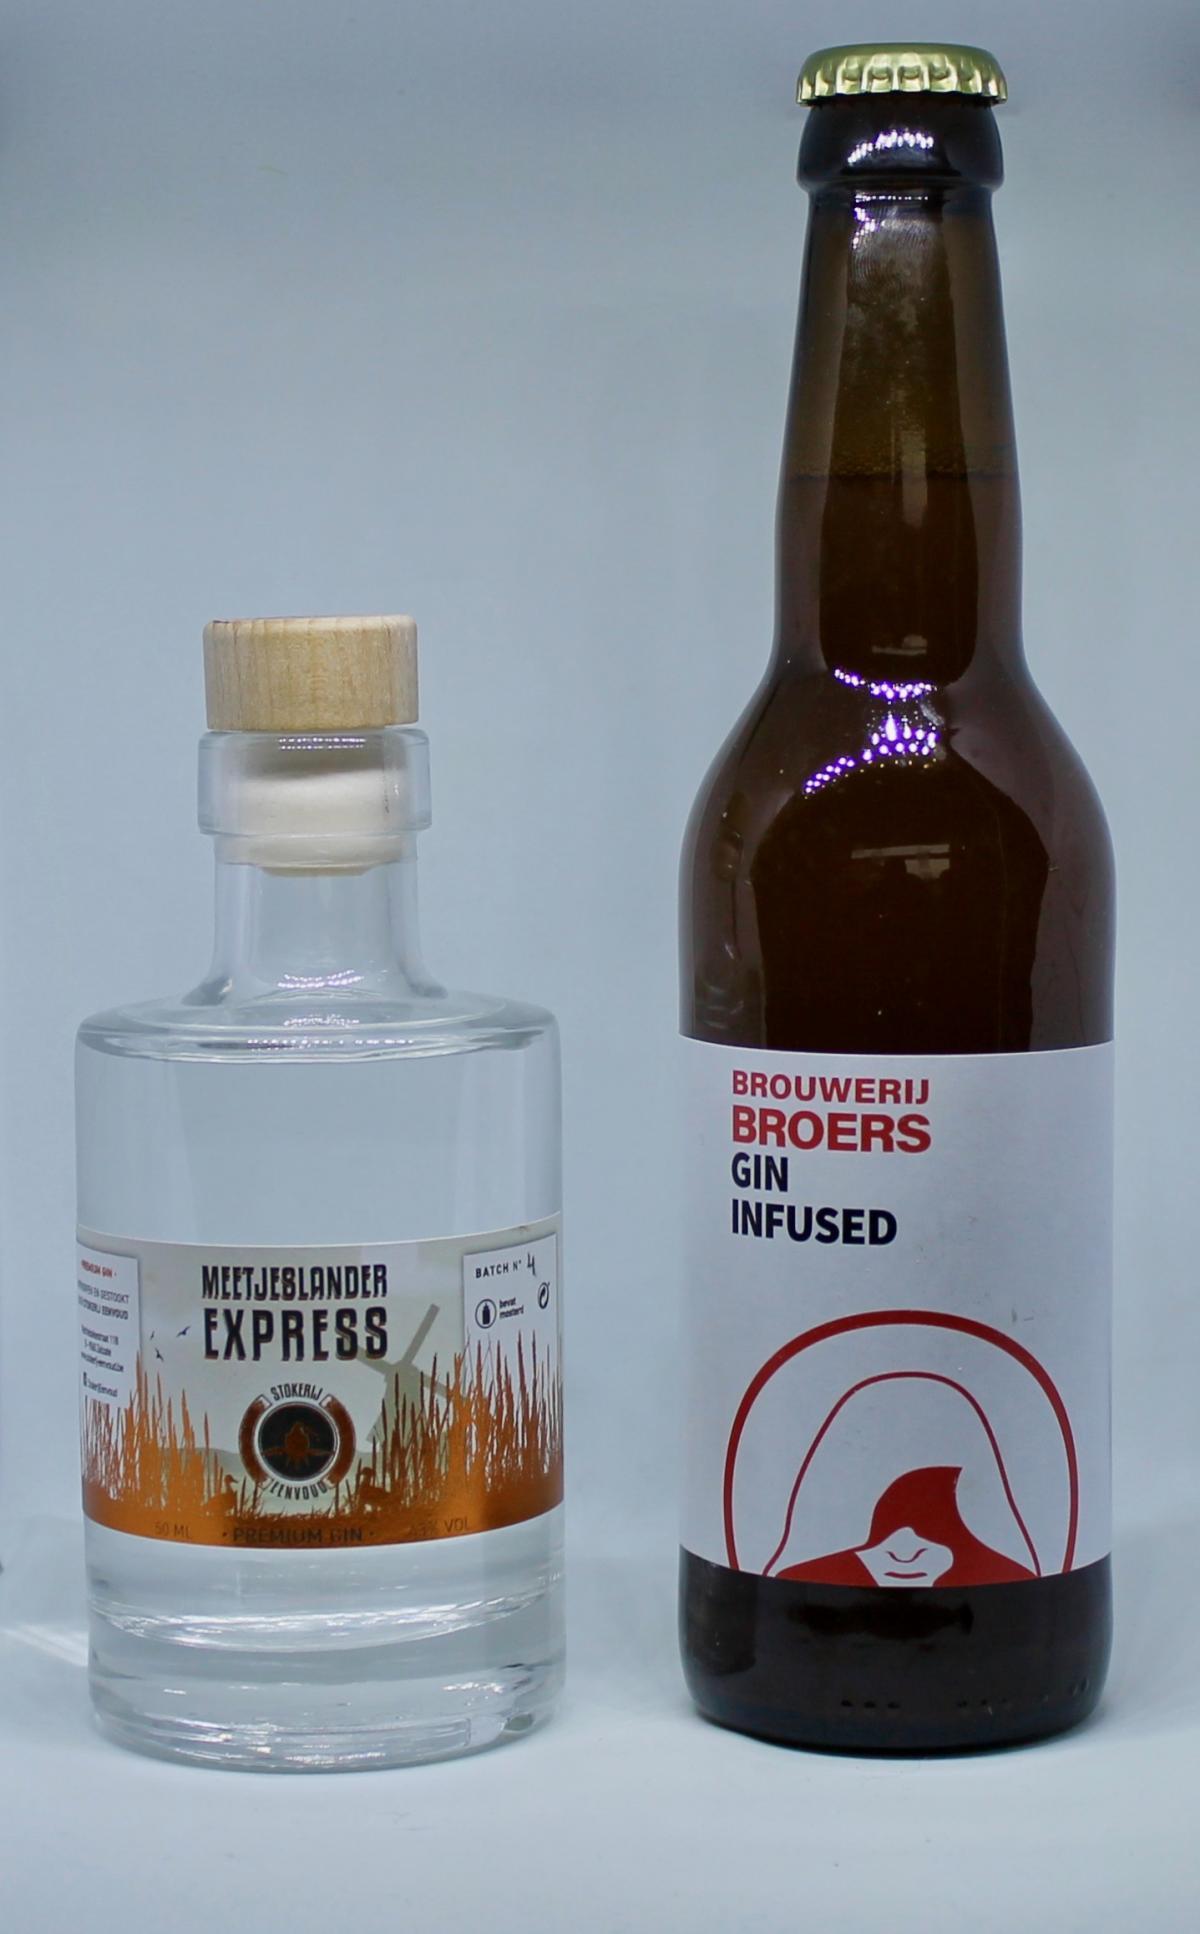 Breoers gin